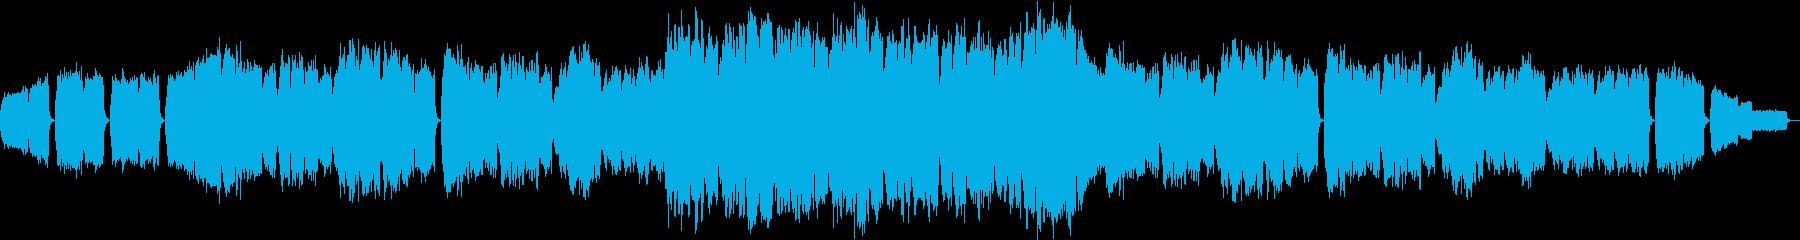 孤独感を味わう弦楽5重奏の再生済みの波形